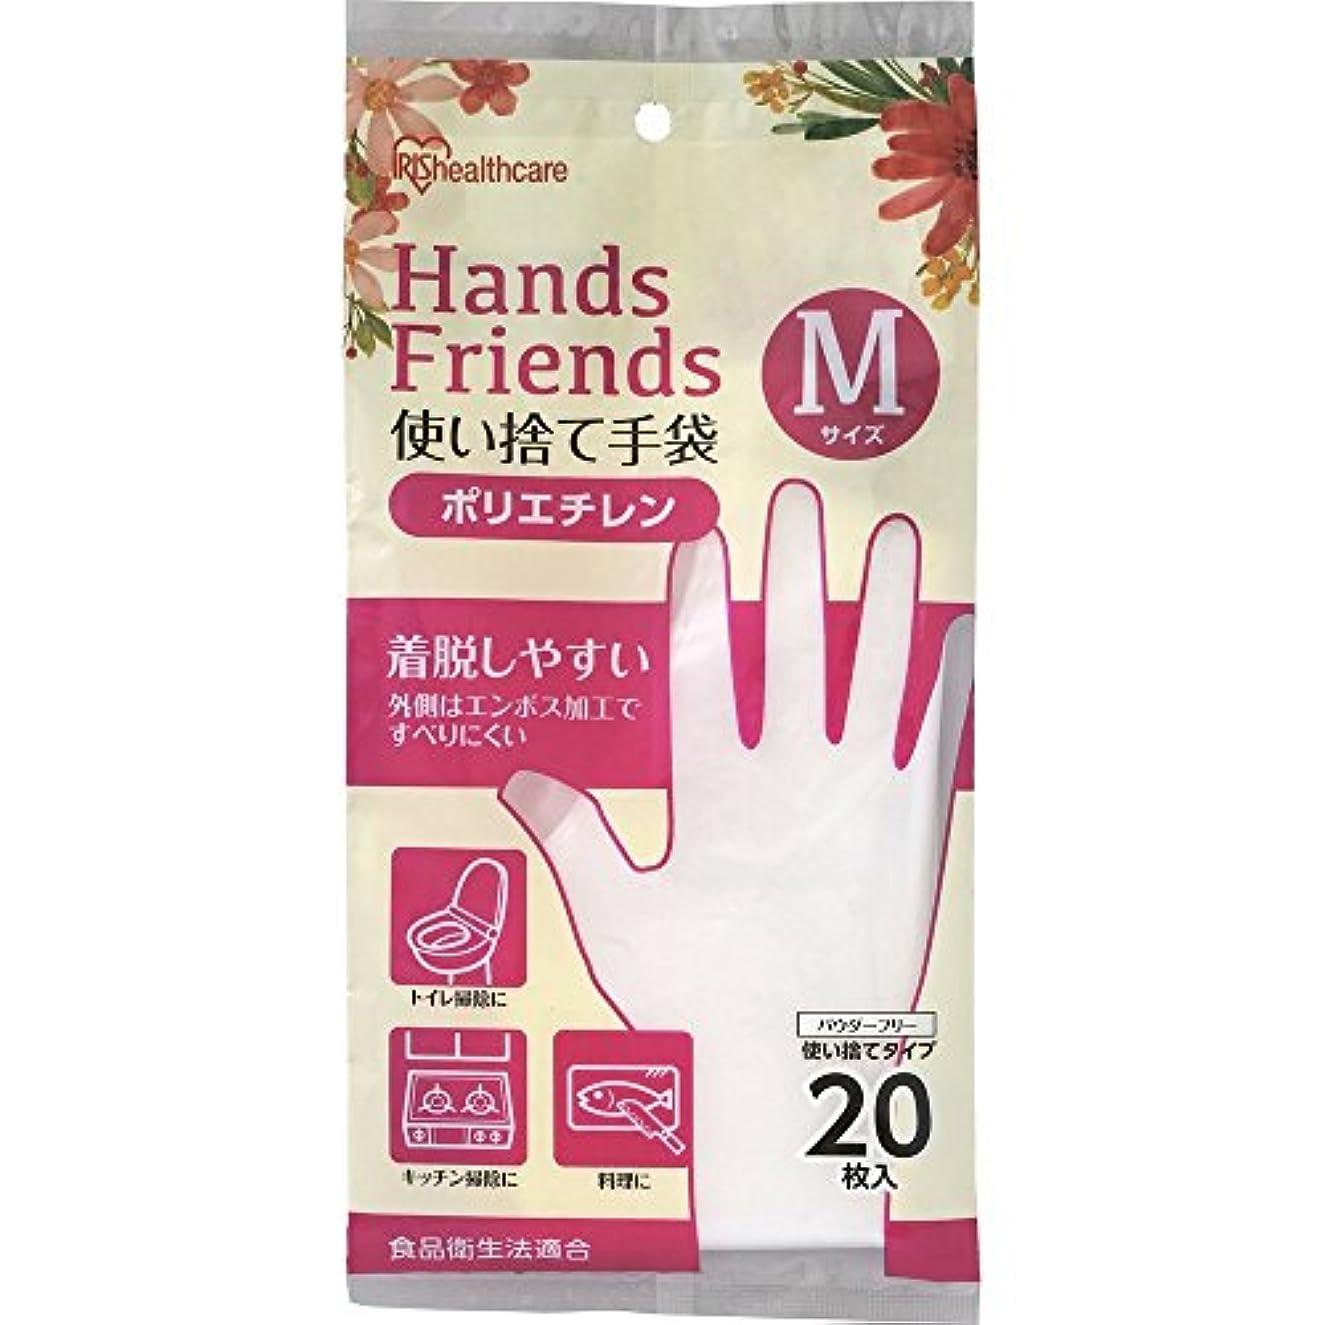 例示するリネンライナー使い捨て手袋 ポリエチレン手袋 Mサイズ 粉なし パウダーフリー クリア 20枚入